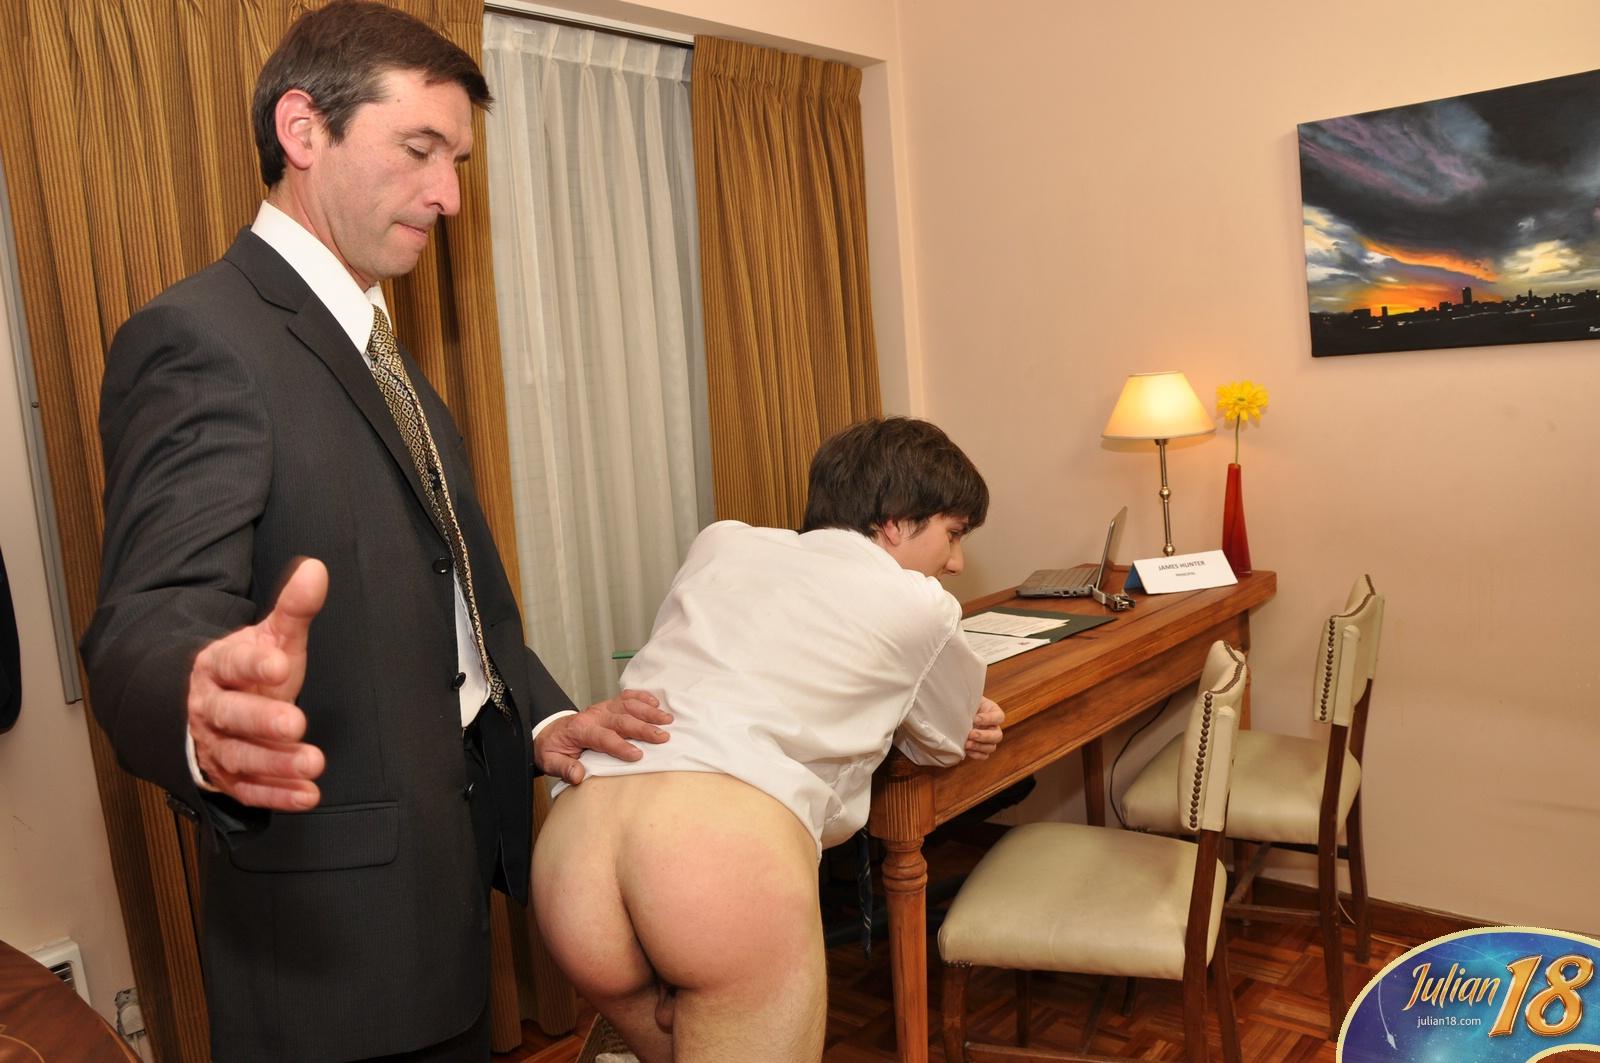 mature babe tiffani fuck older horny free men 014 Hot Gothic Girl Ass hot butt massage